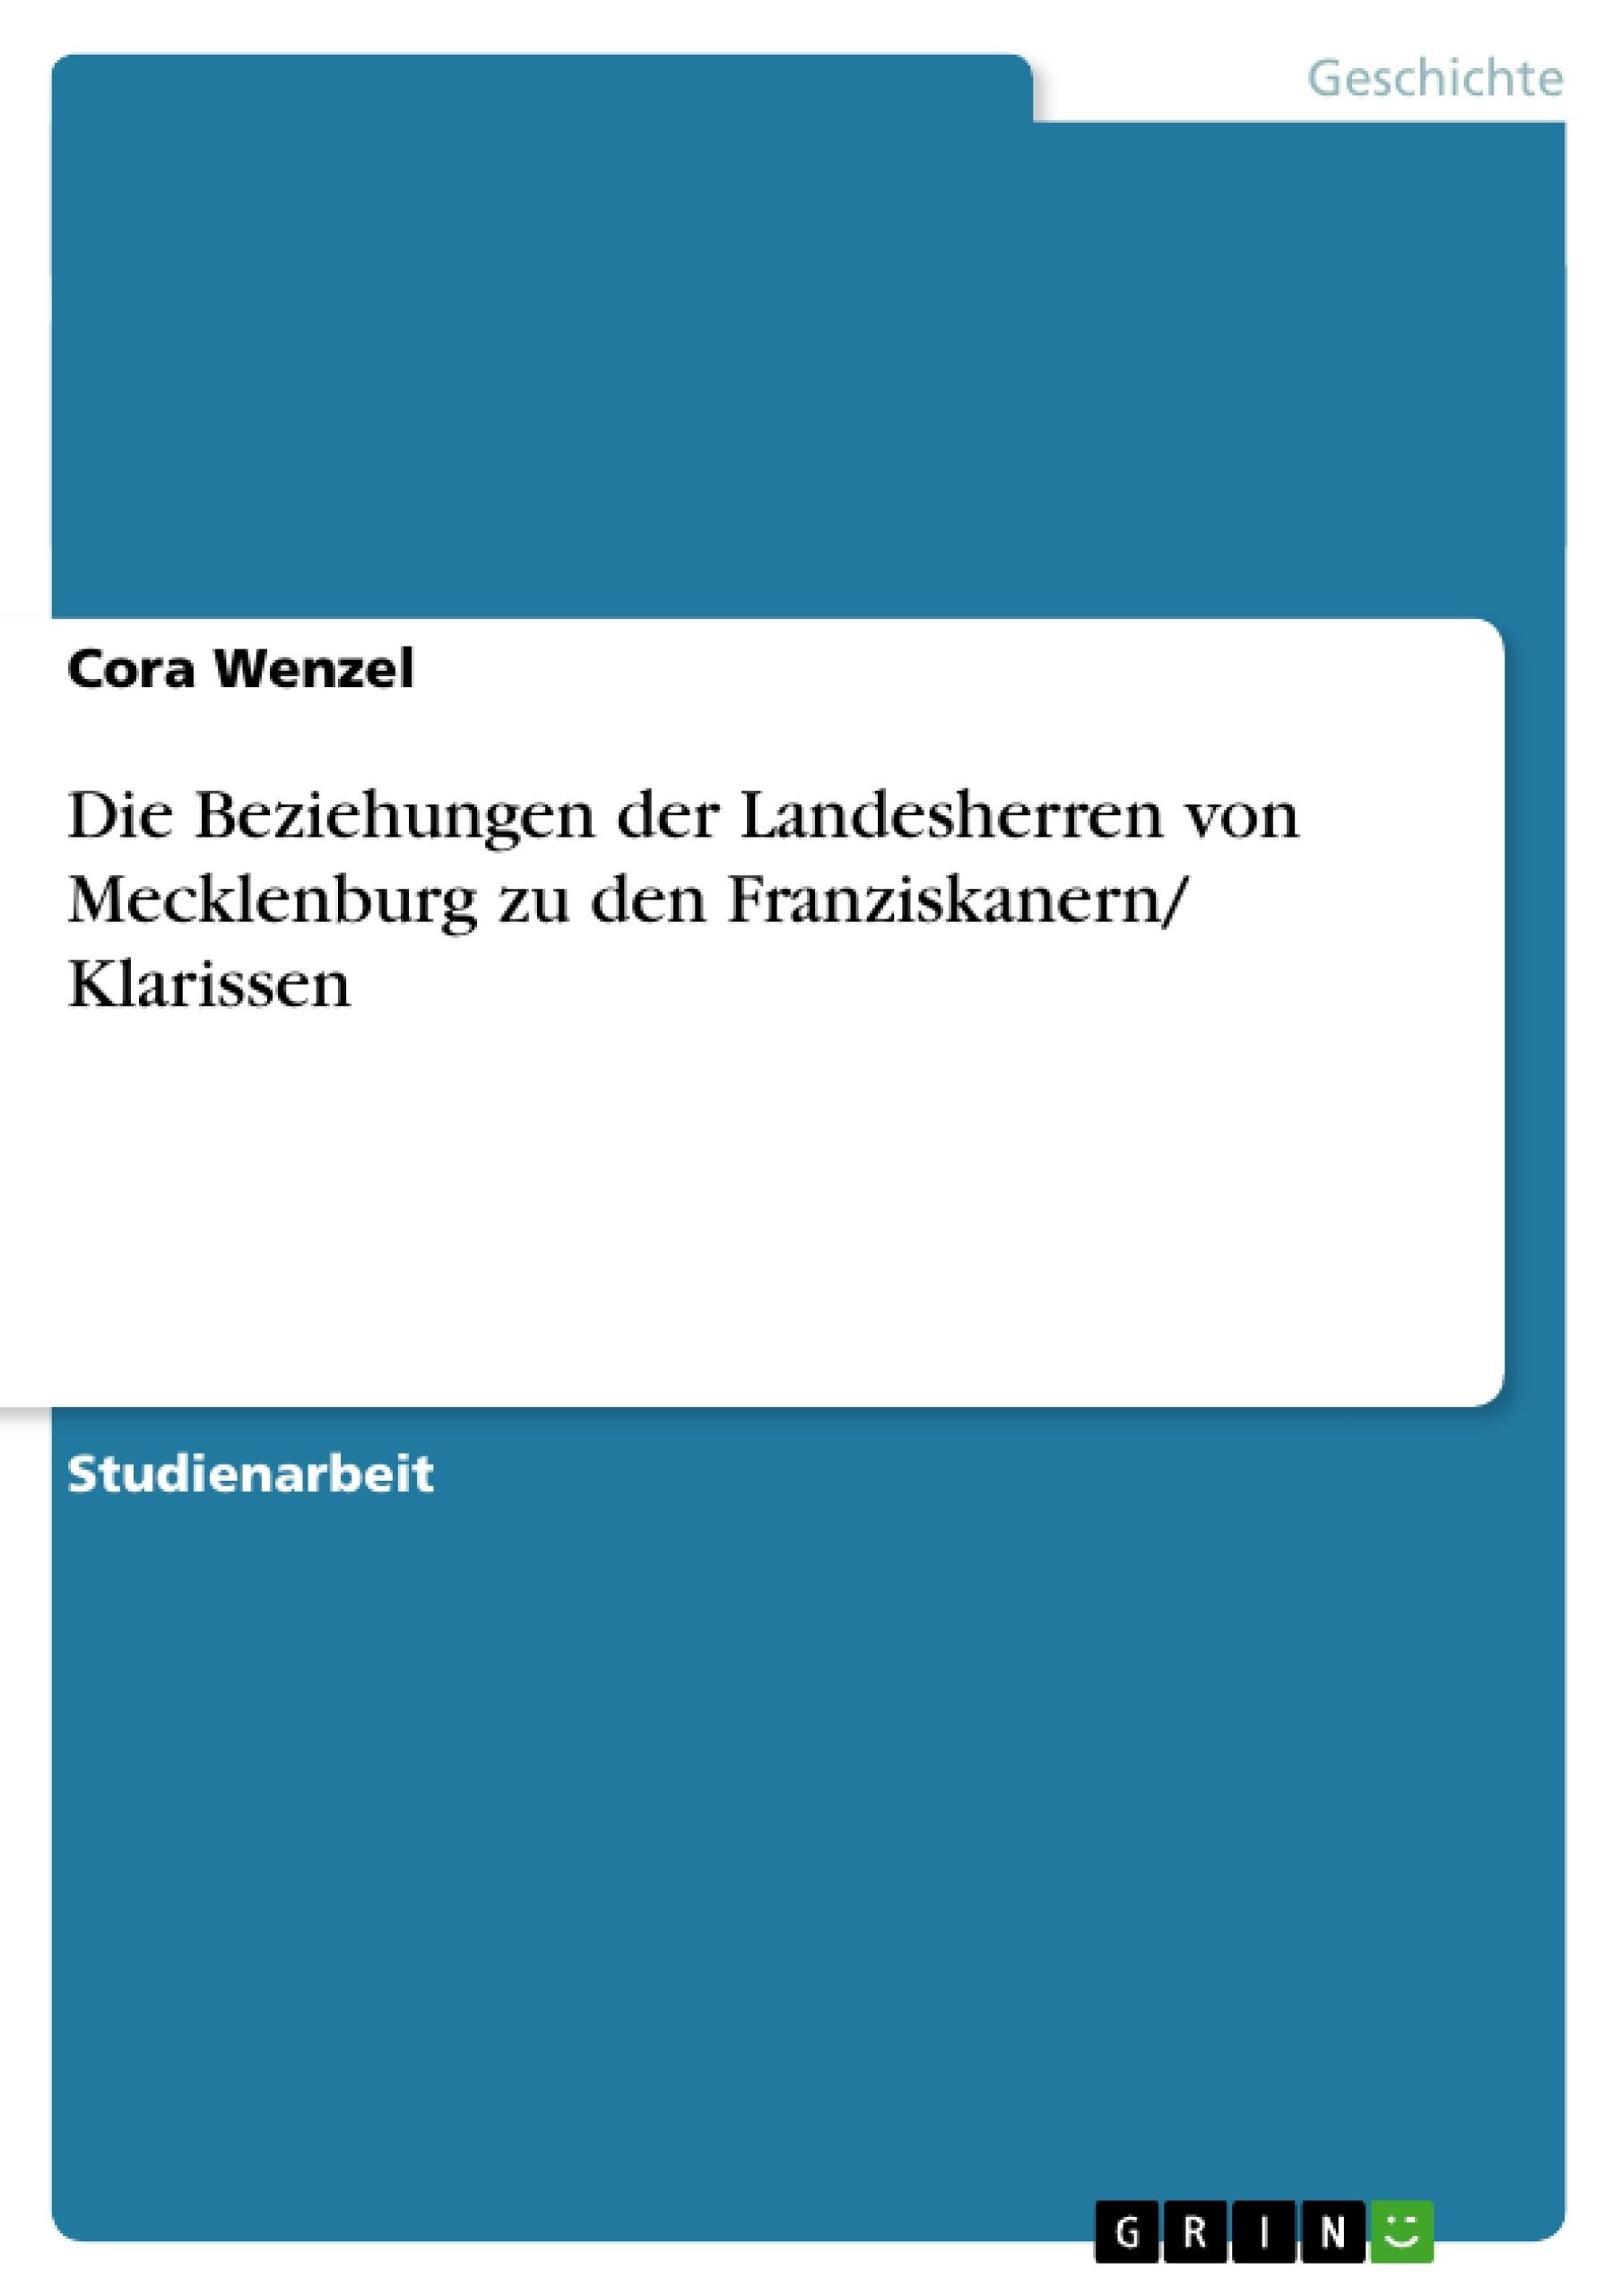 Titel: Die Beziehungen der Landesherren von Mecklenburg zu den Franziskanern/ Klarissen